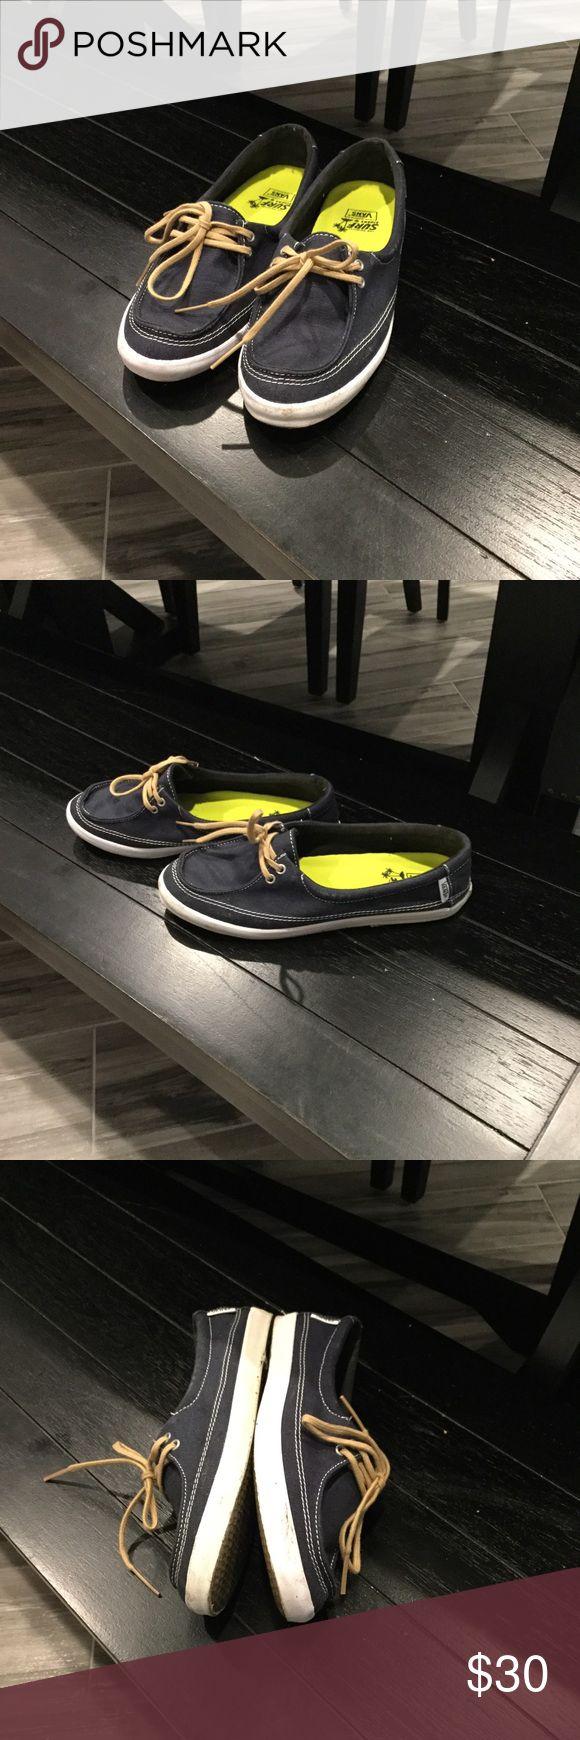 Worn a few times navy vans Navy vans size 7 women Vans Shoes Sneakers